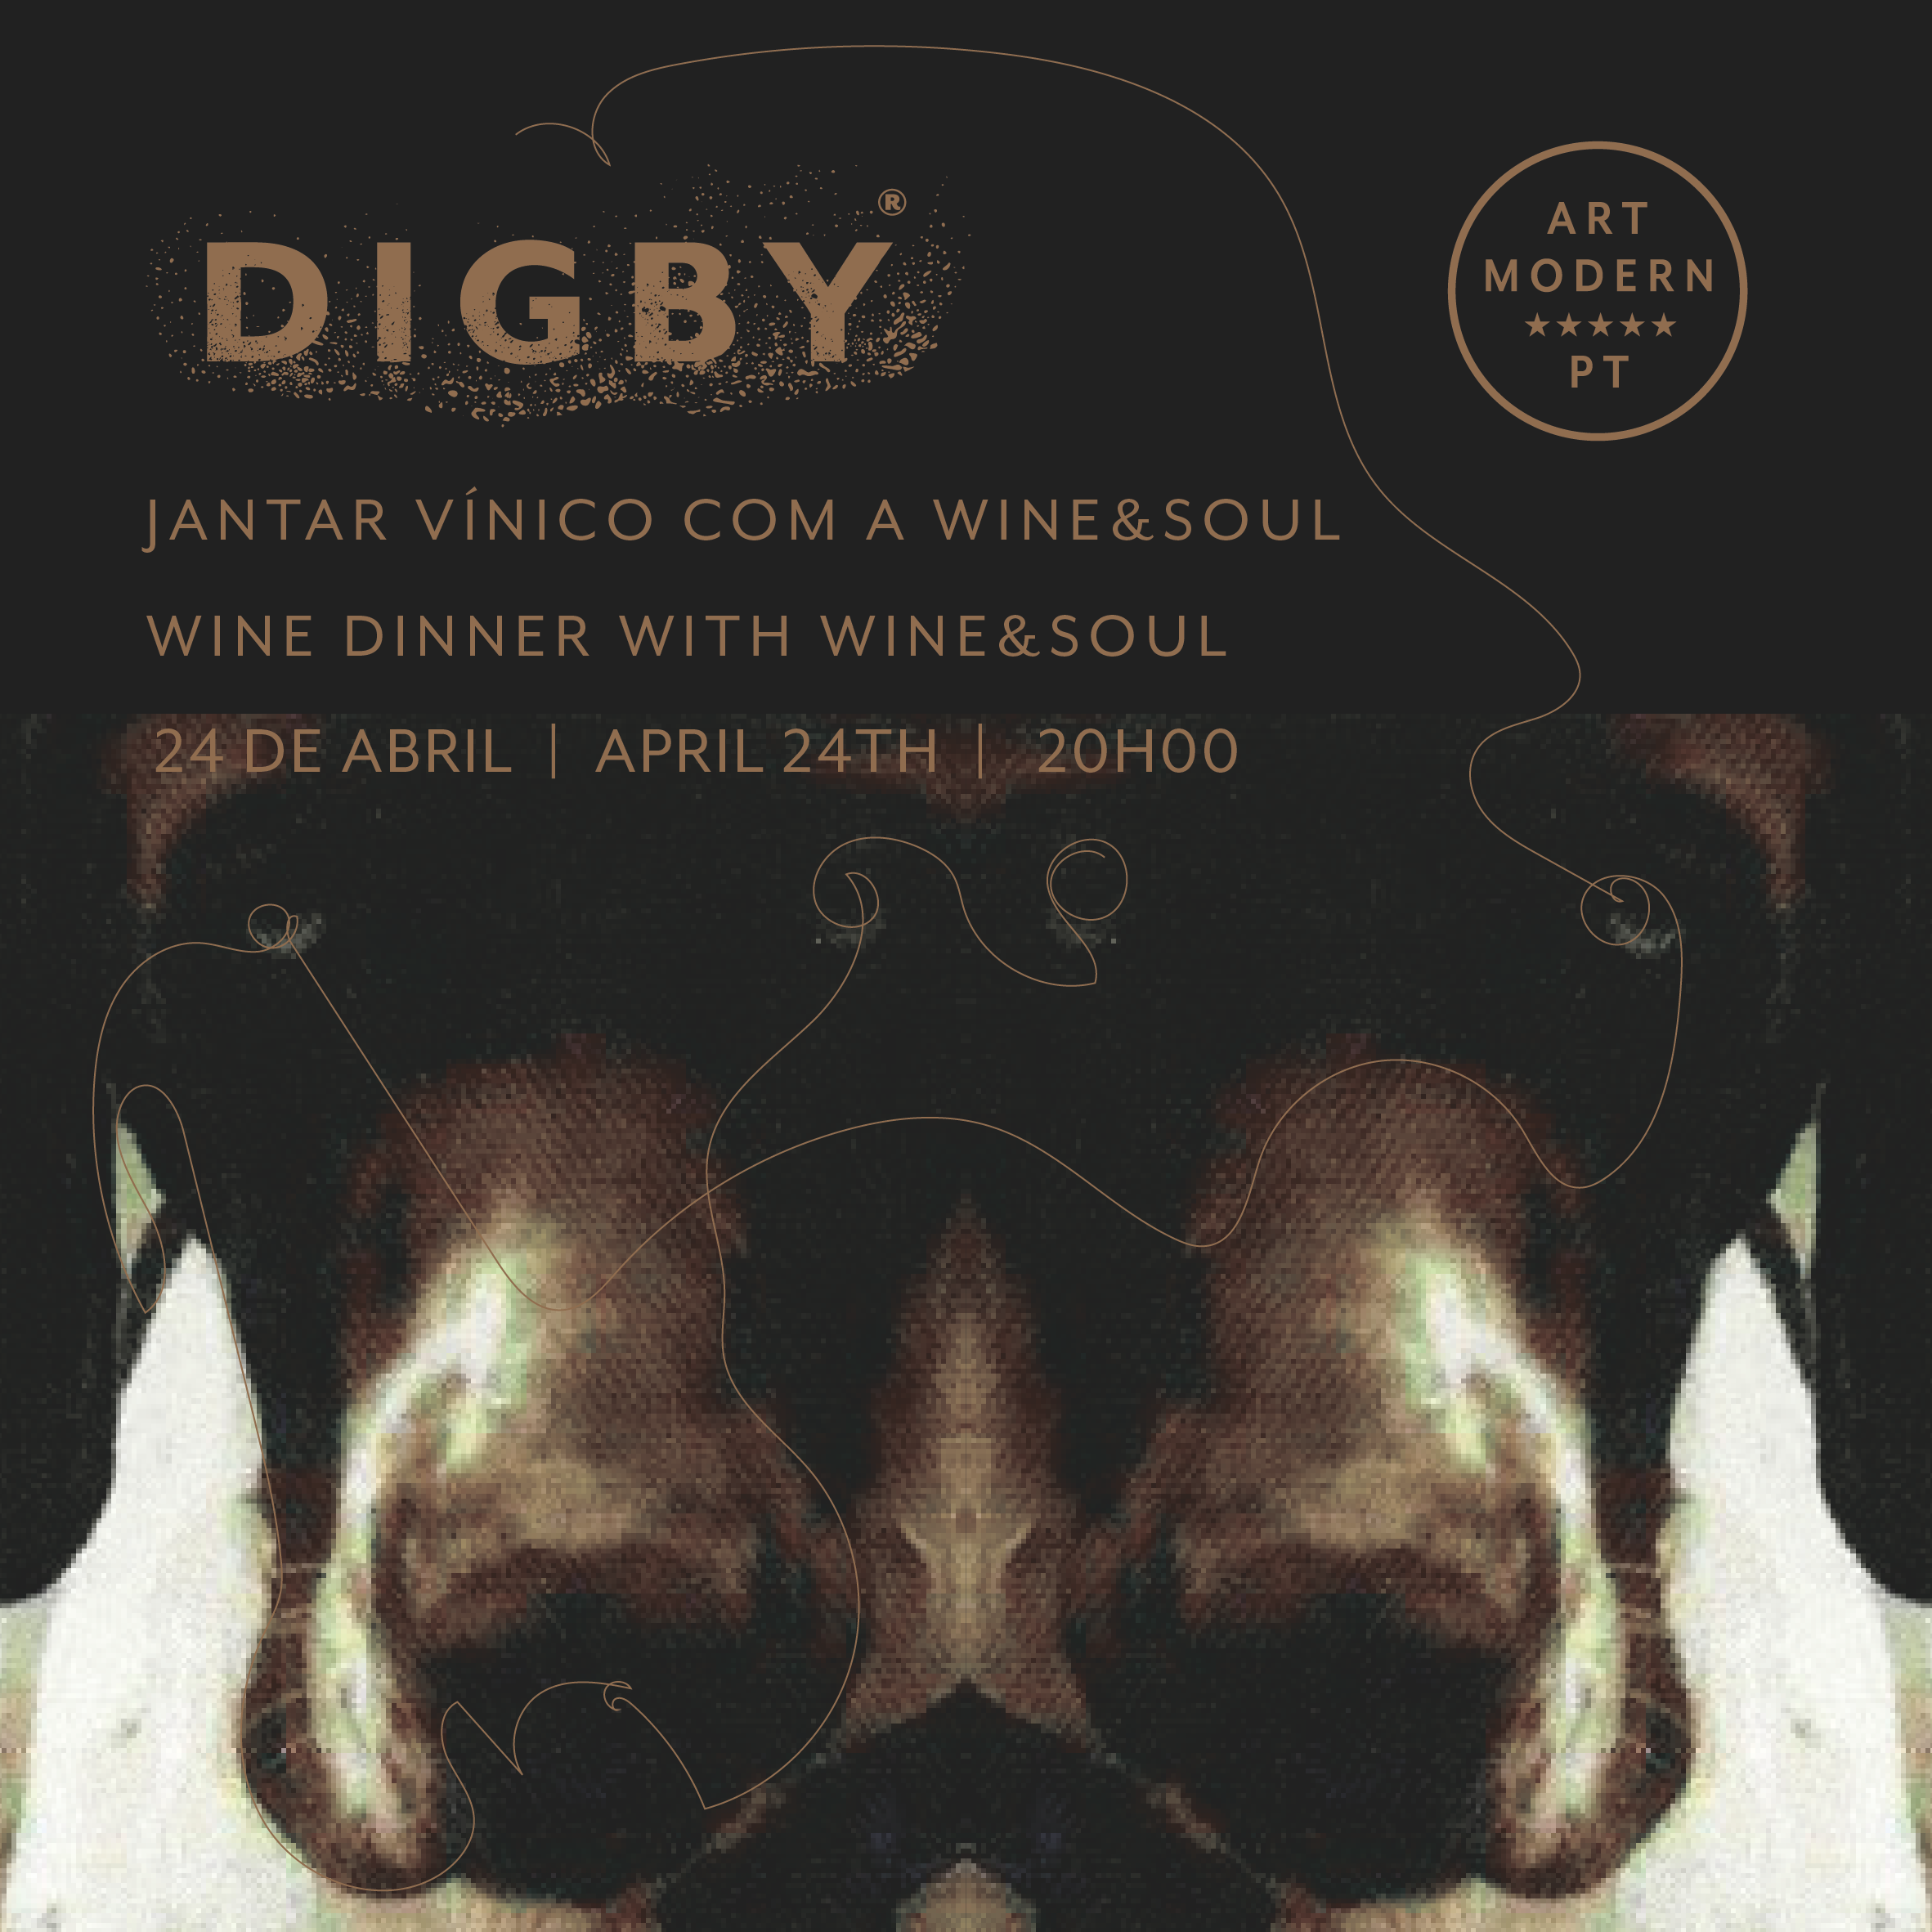 Digby wine dinner 3-05